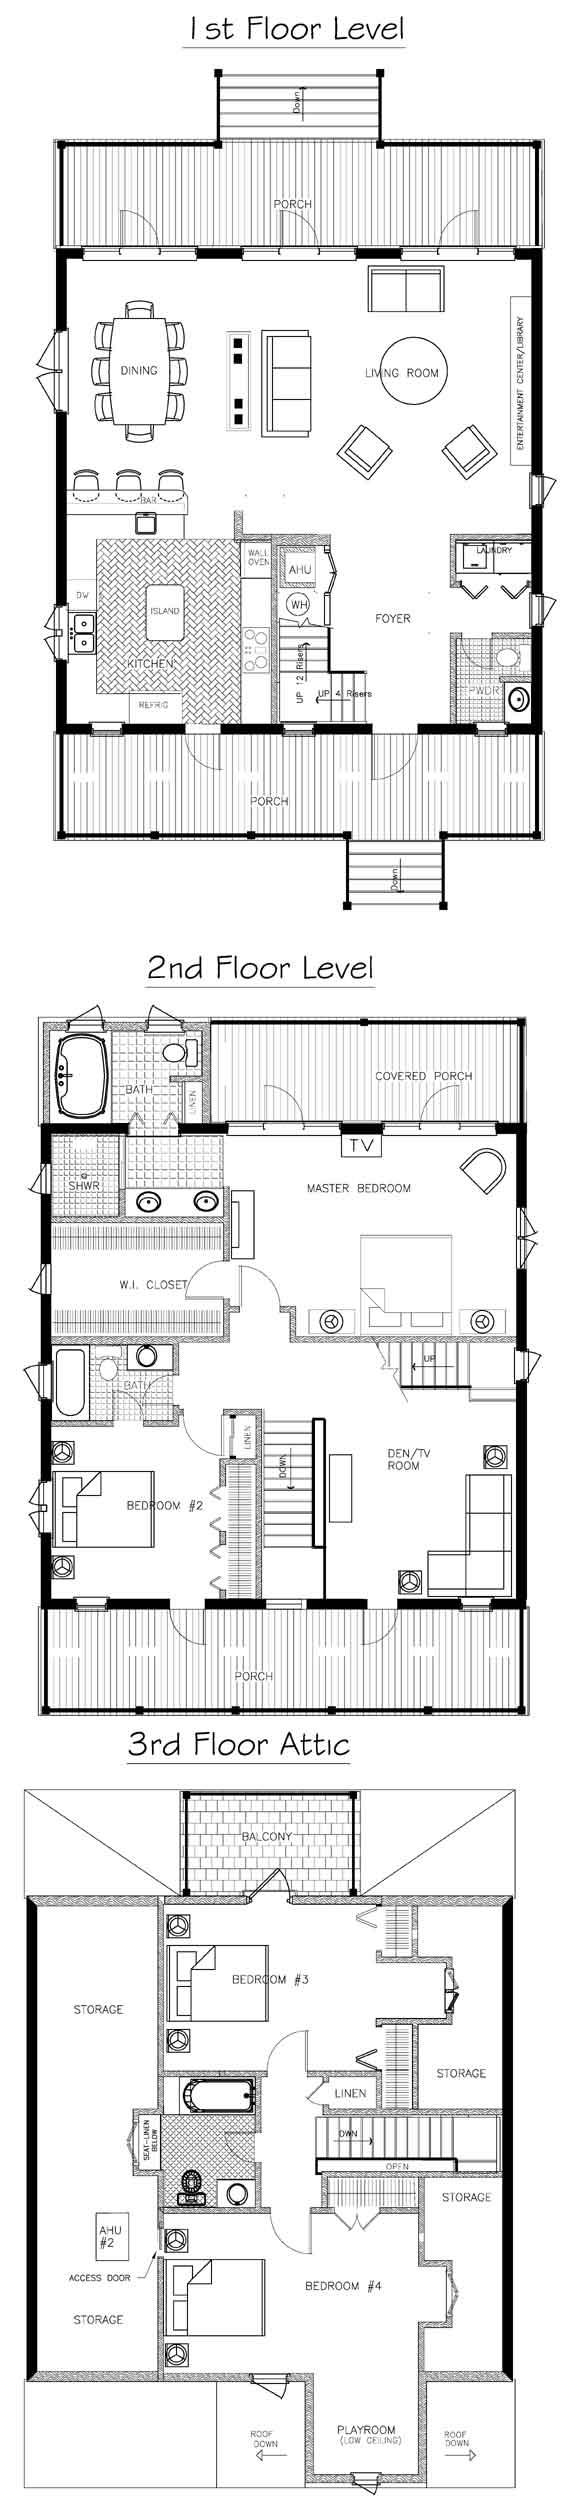 Cottage House Plans Key West Island Style Homes Cottage House Plans House Plans Small House Plans